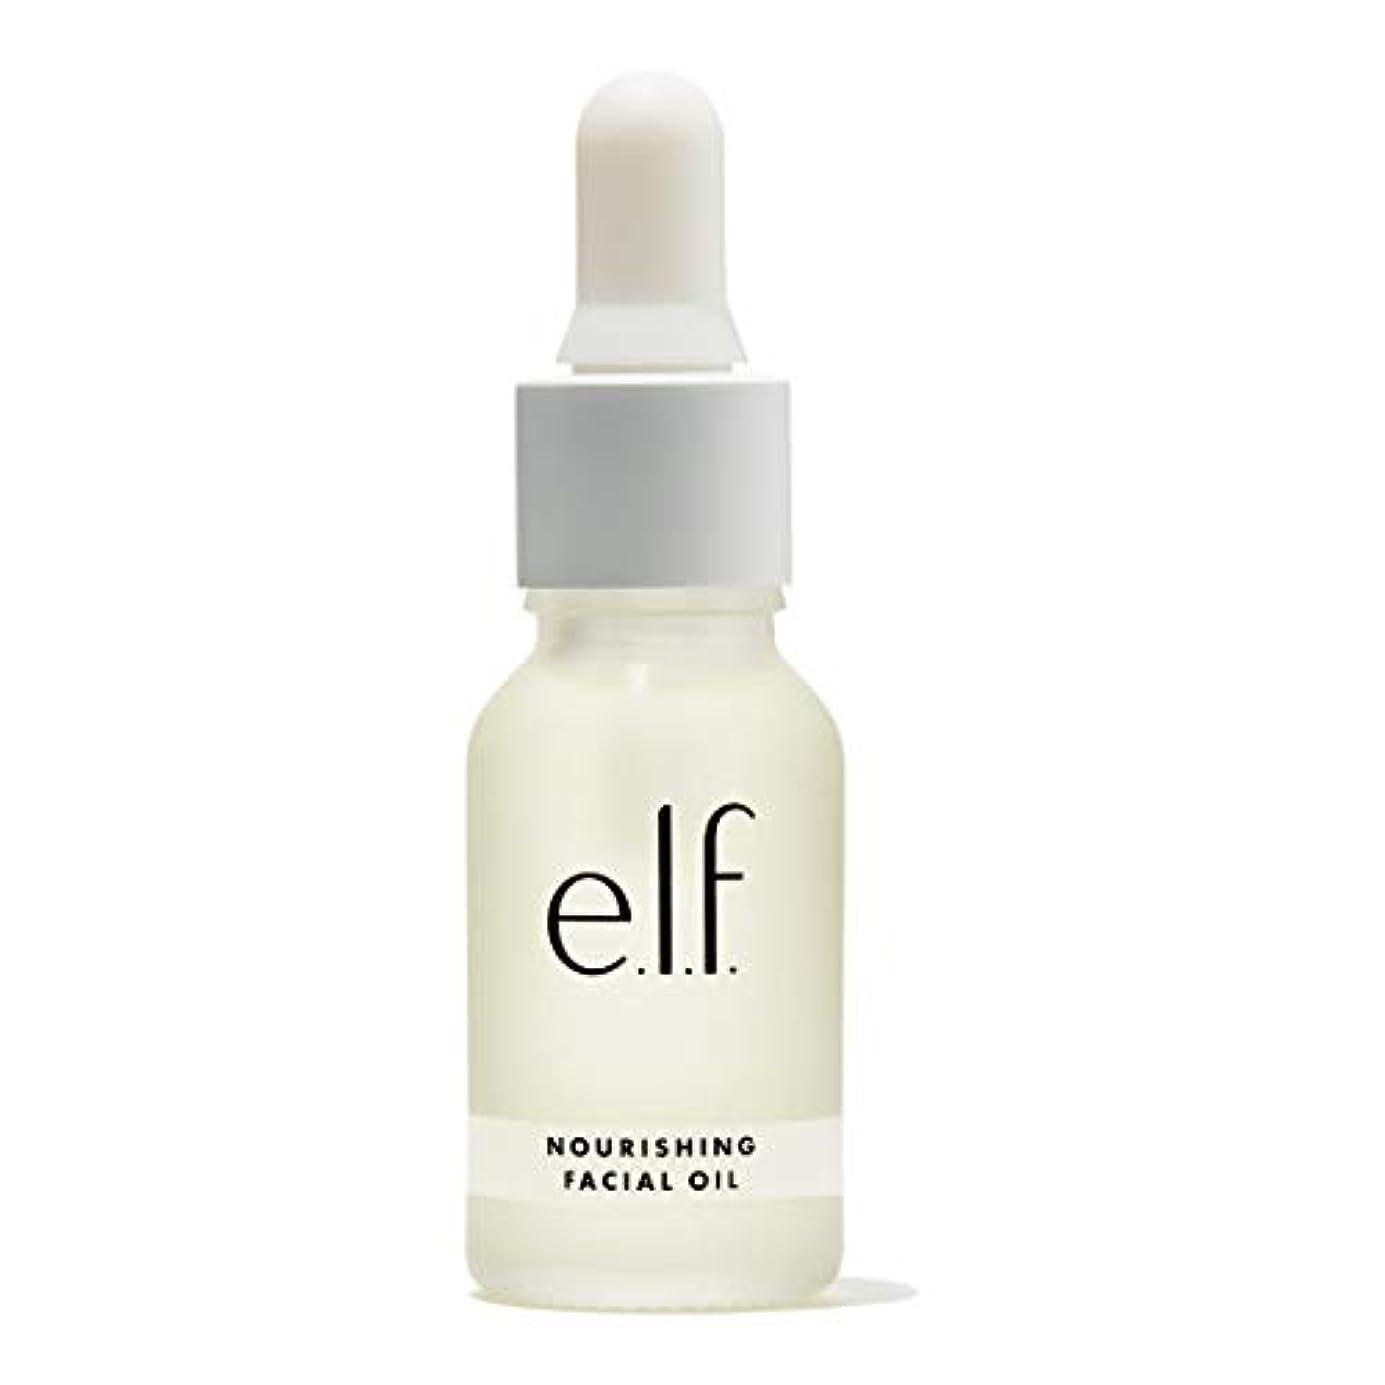 再発する自発的盆地(3 Pack) e.l.f. Nourishing Facial Oil (並行輸入品)